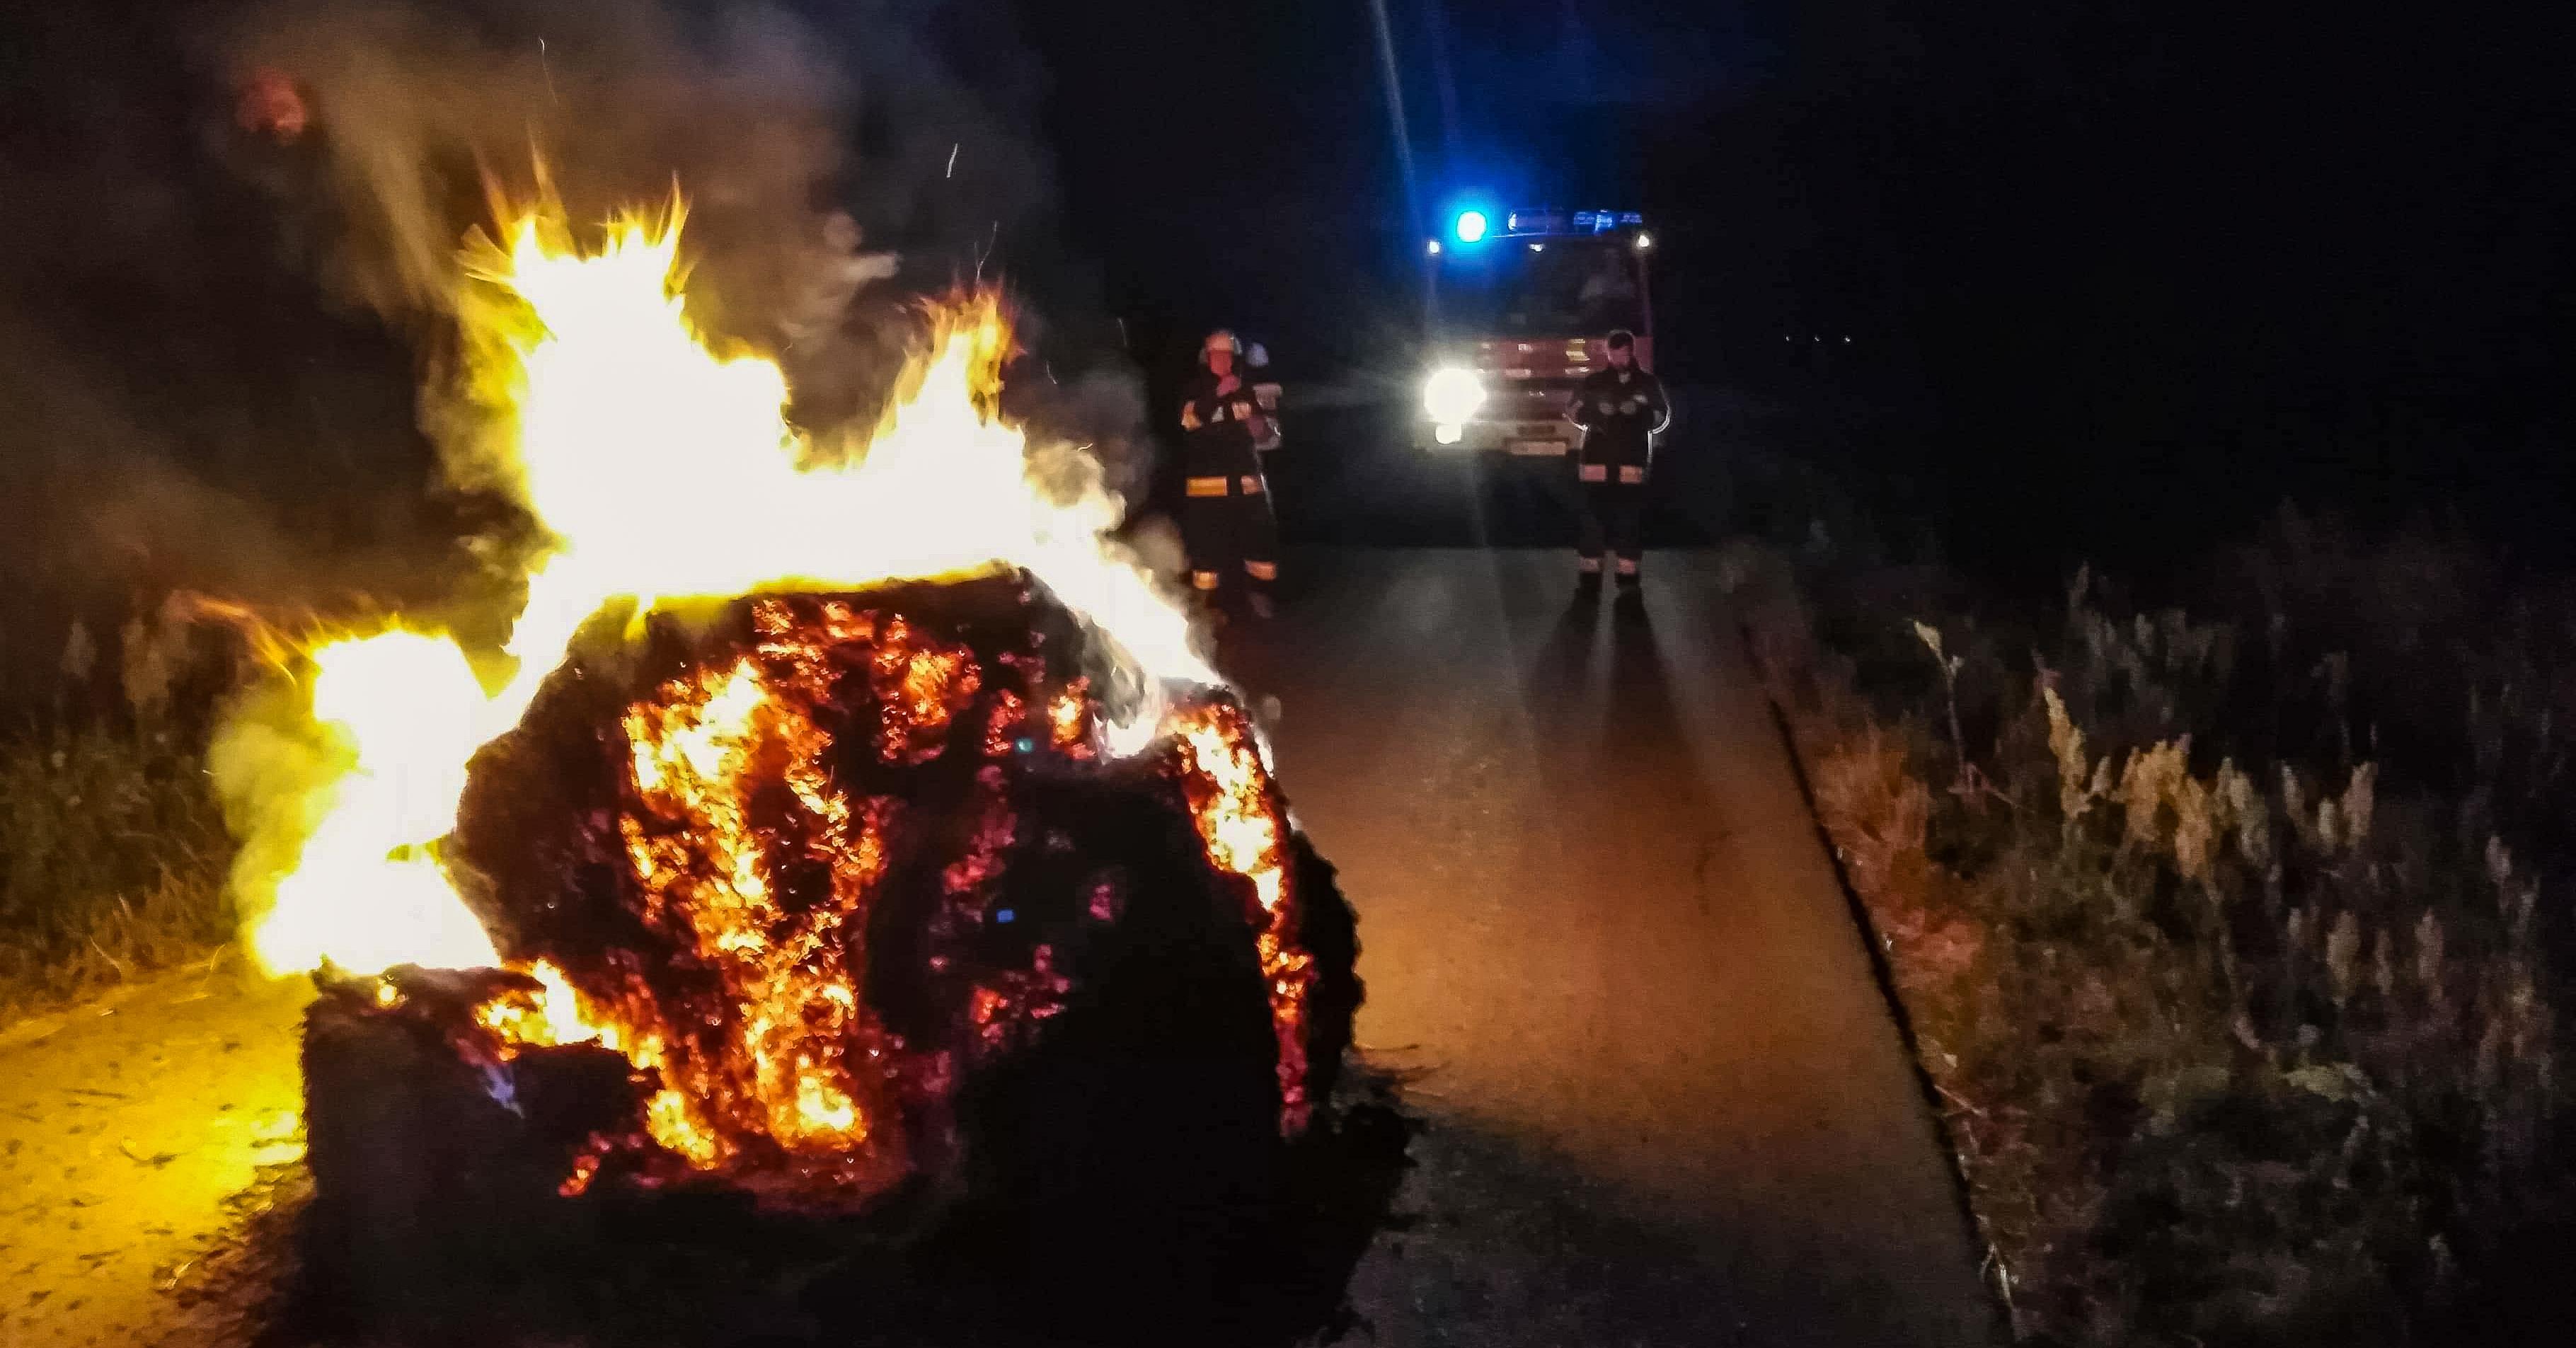 Pożar bala na środku drogi! - Zdjęcie główne